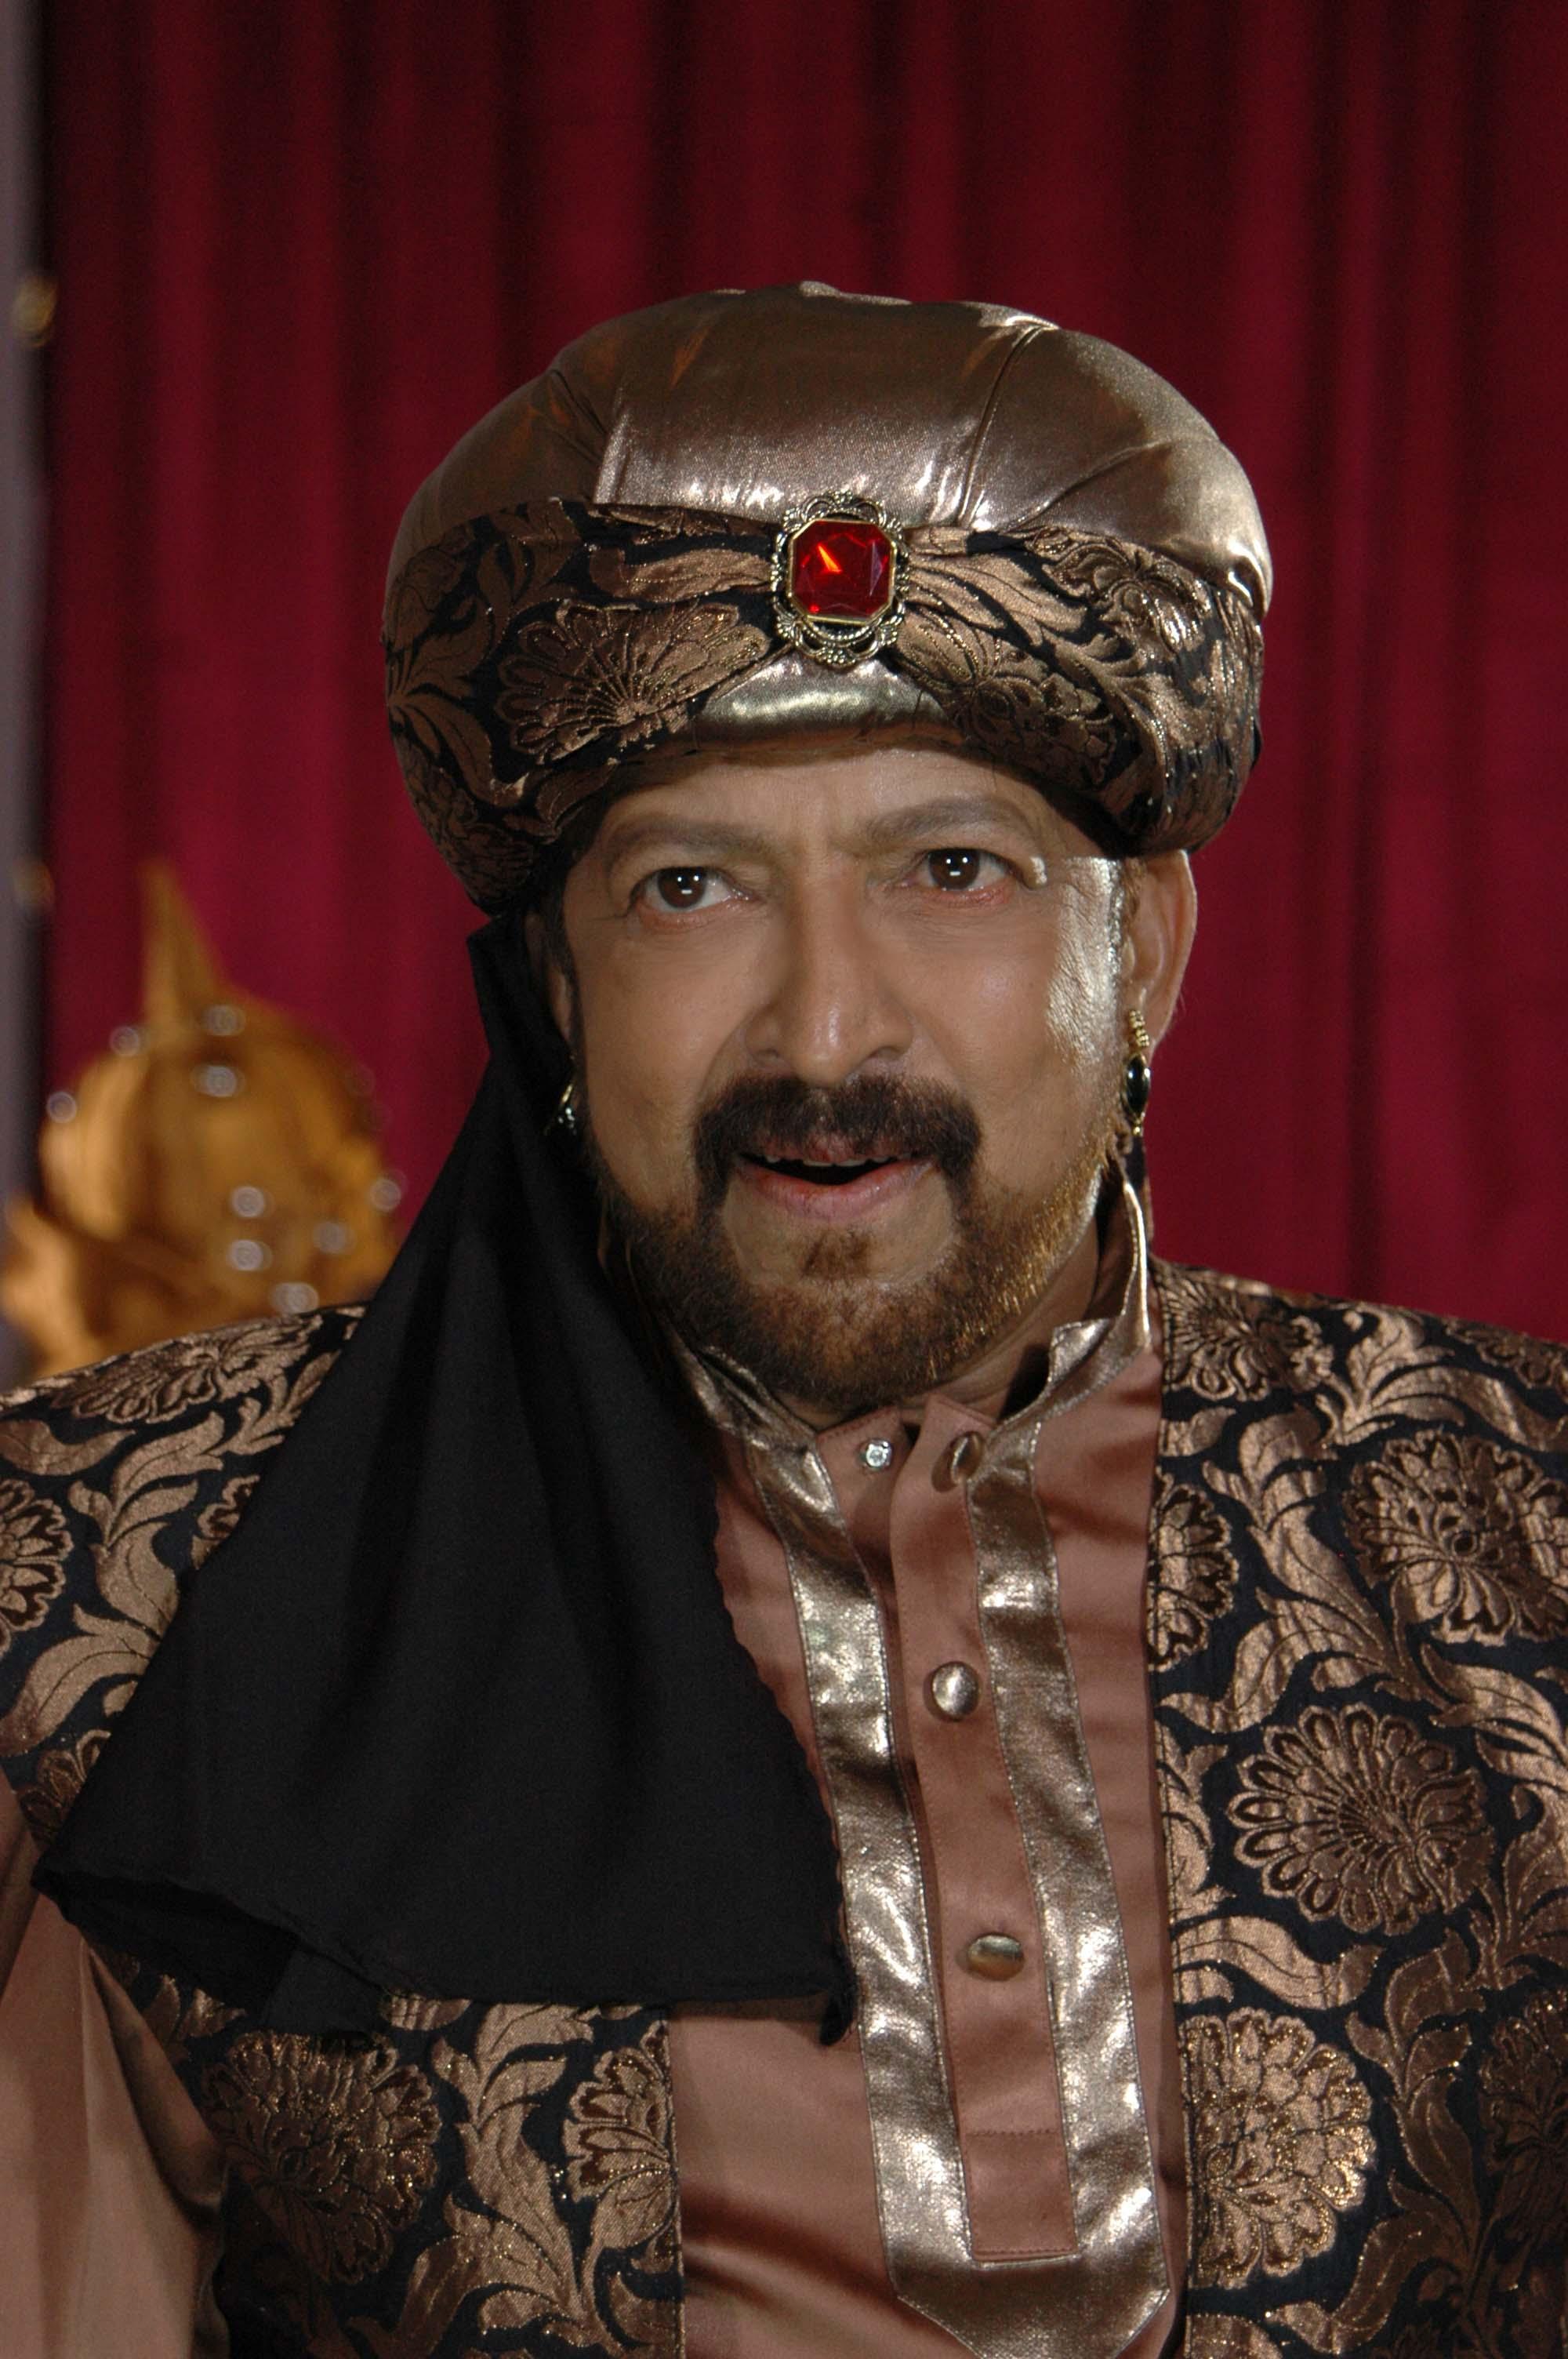 Aptharakshaka - ReviewVishnuvardhan Kannada Actor With Lion